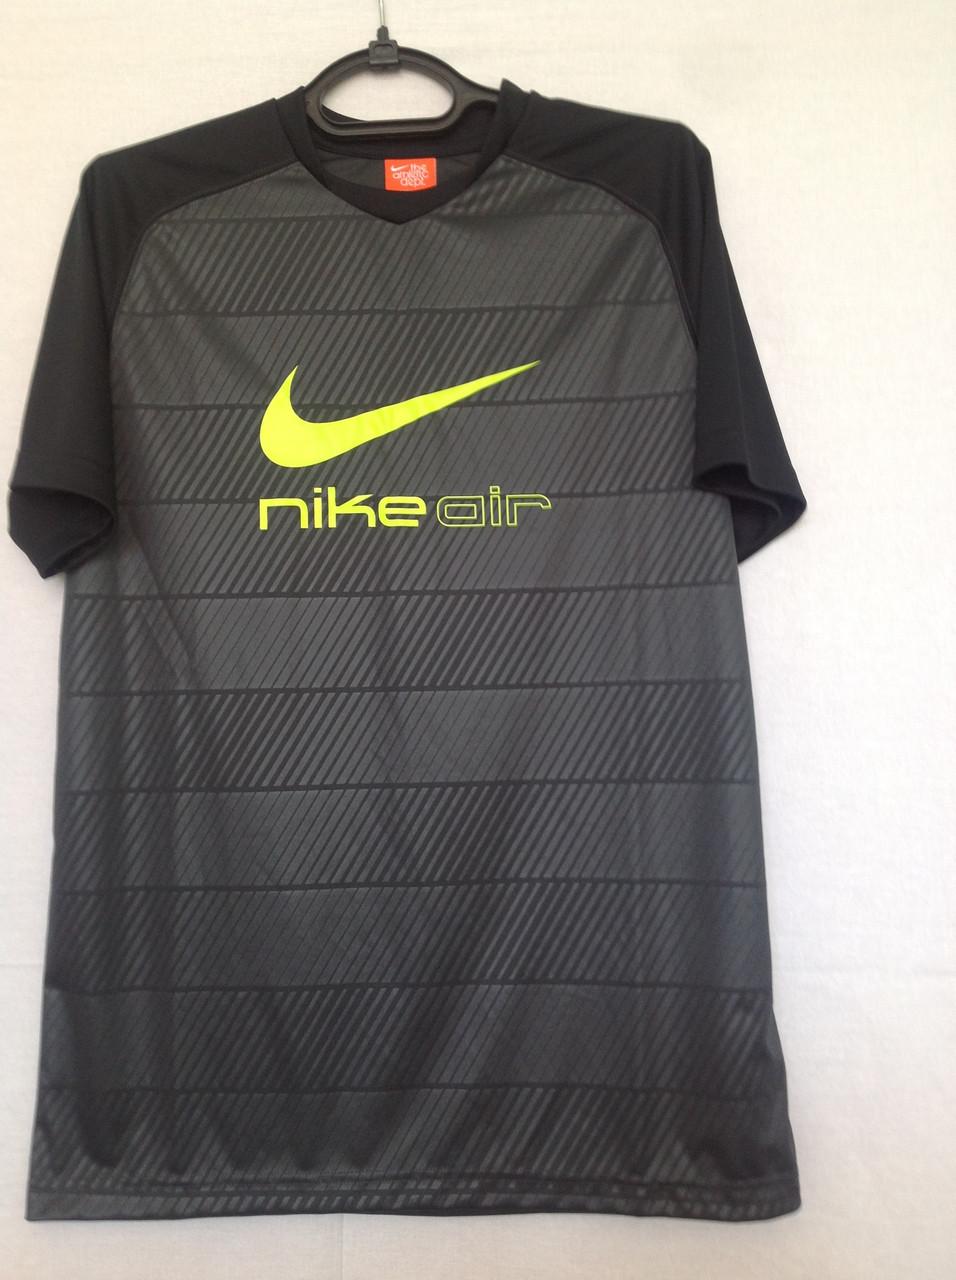 Мужская спортивная футболка Nike Air.